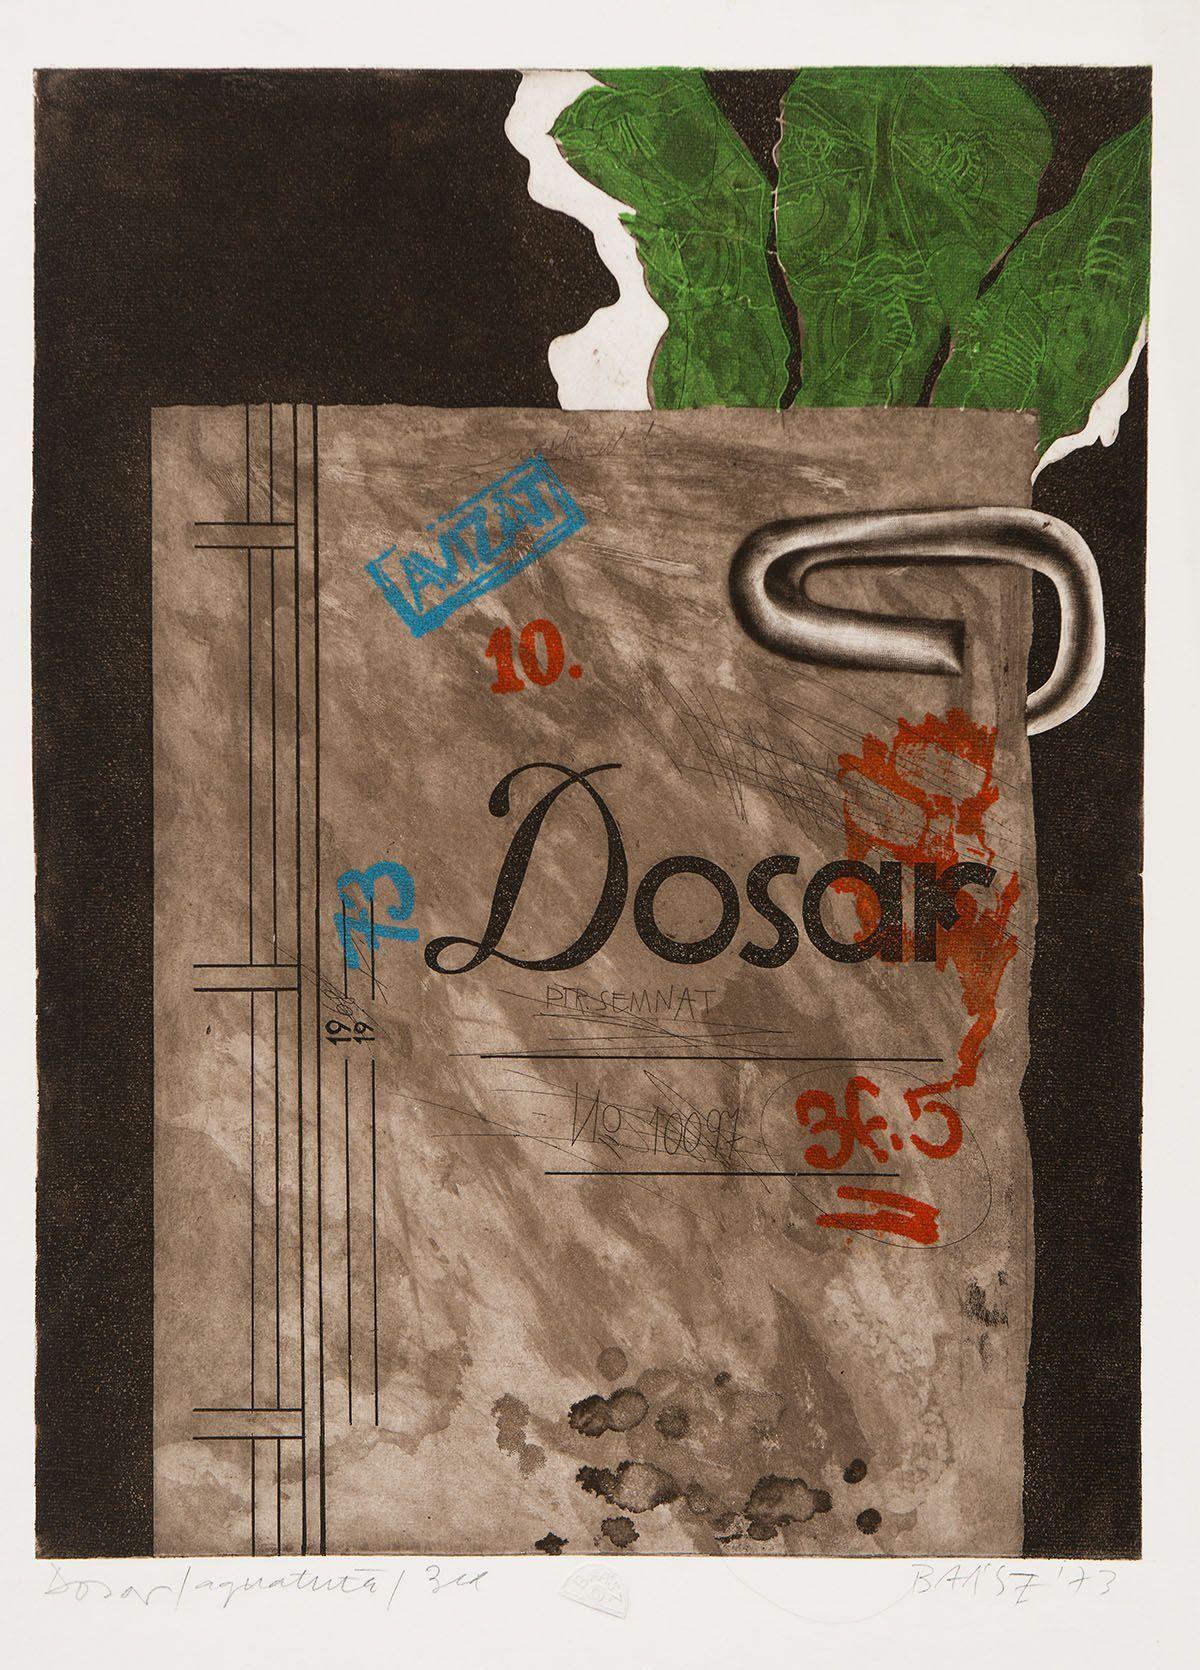 Imre Baász: File, acvatintă, 45.1x34 cm, 1973